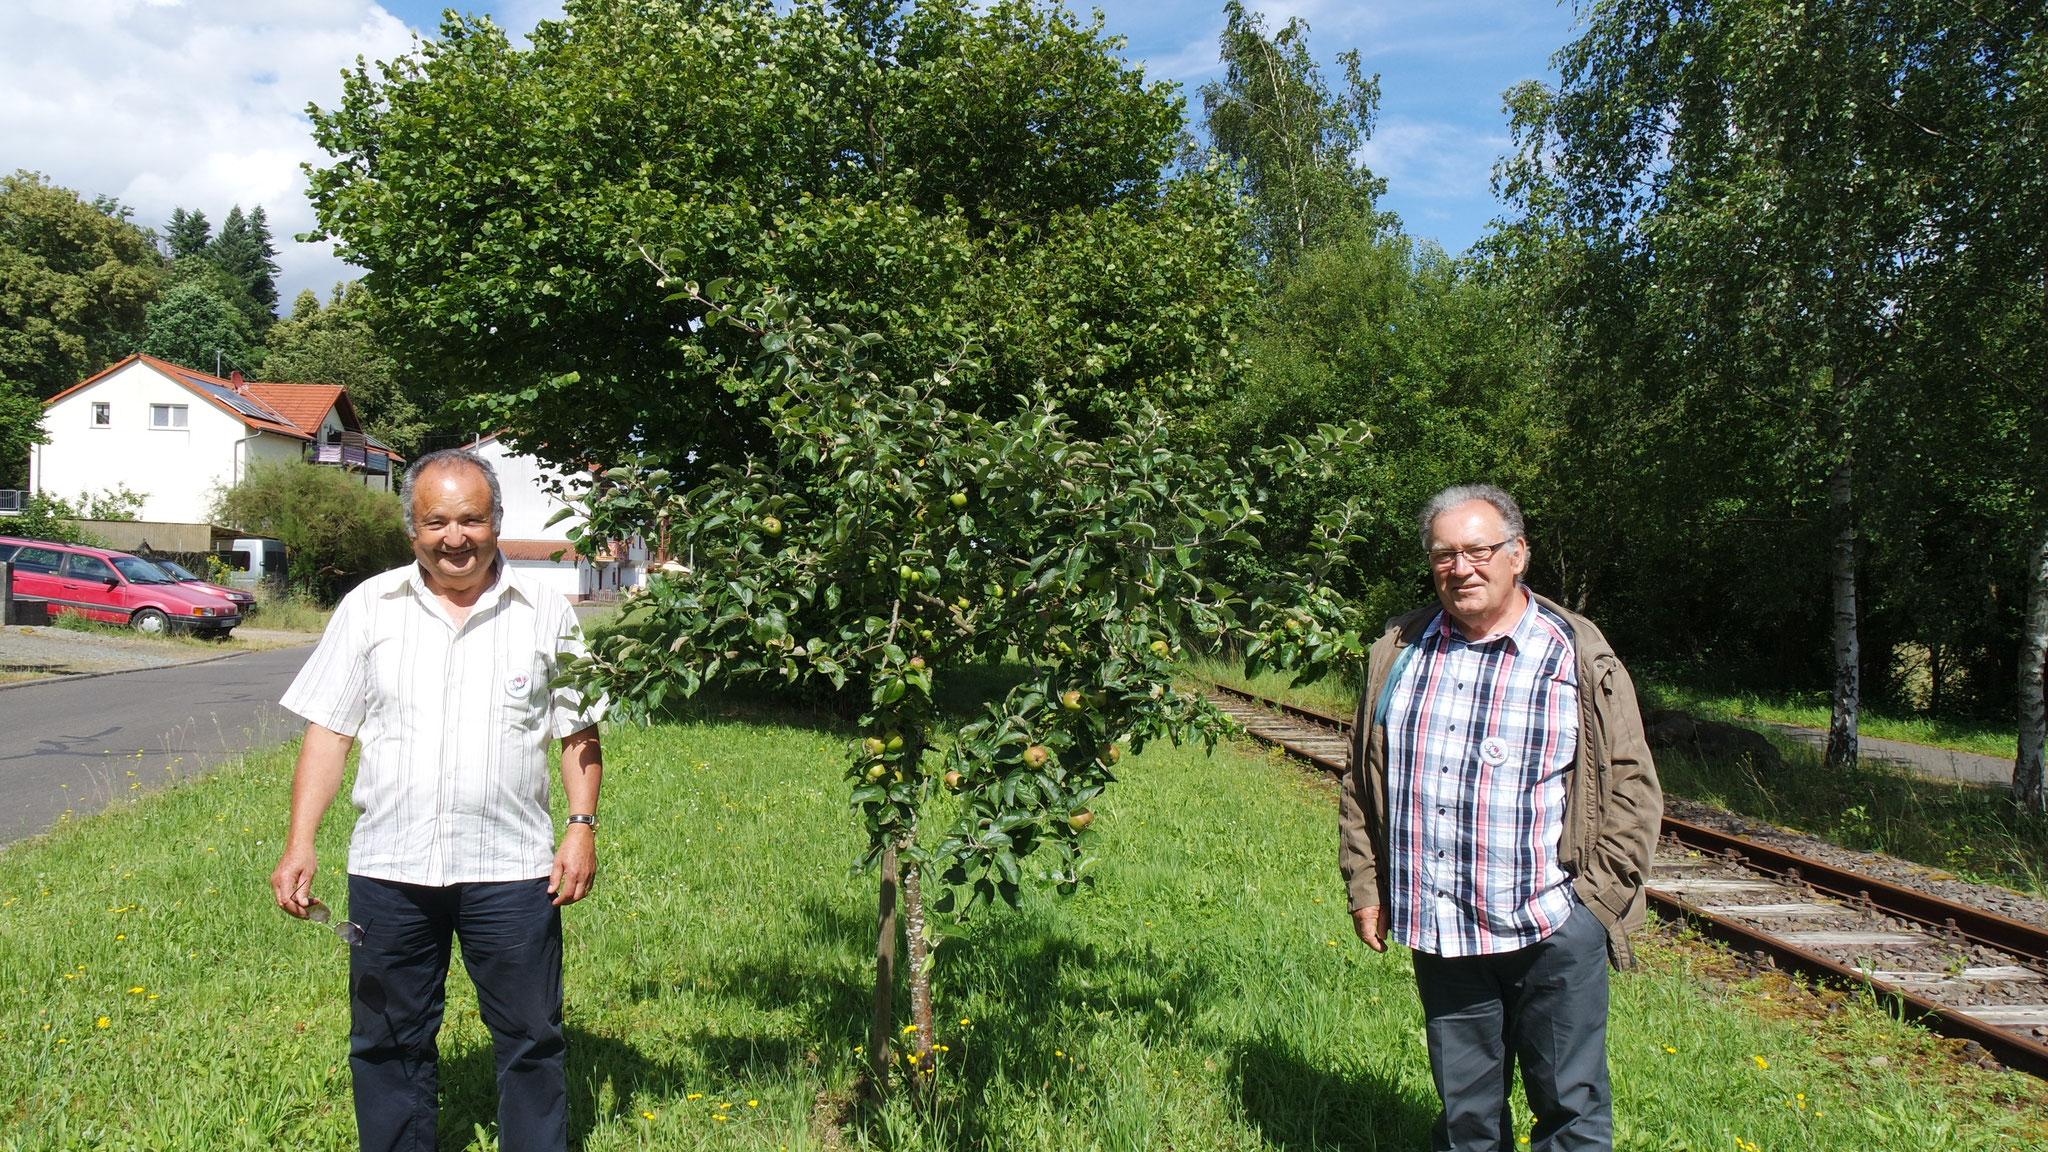 Le pommier planté il y a 4 ans par Joachim